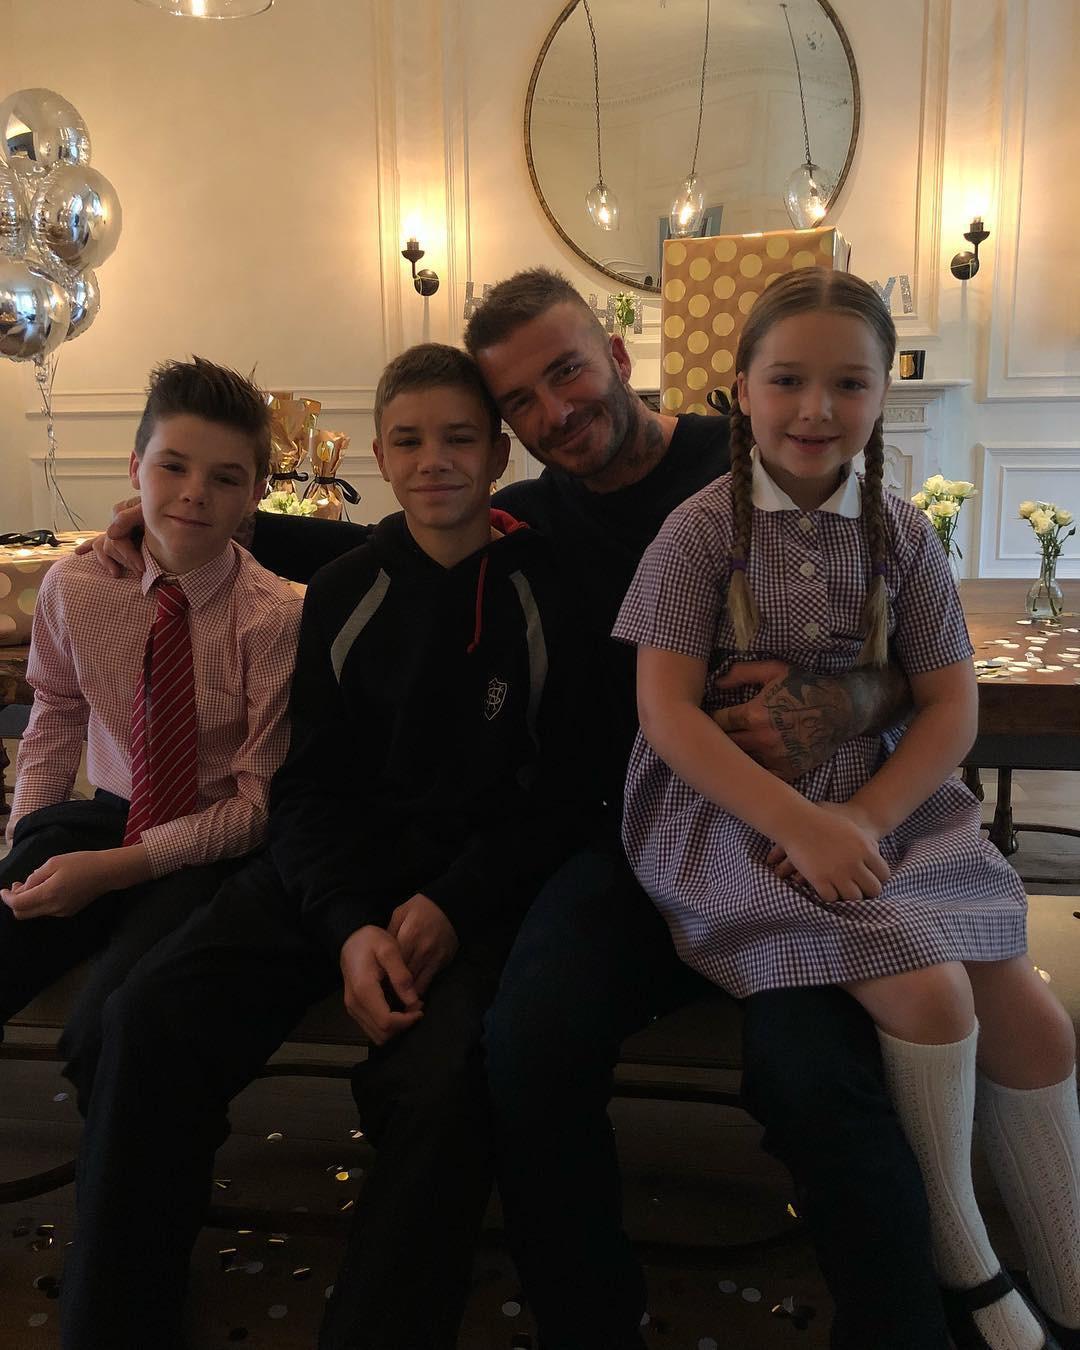 Cả gia đình chúc mừng sinh nhật Beckham, nhưng chất giọng quý tộc của Harper mới gây chú ý nhất - Ảnh 2.